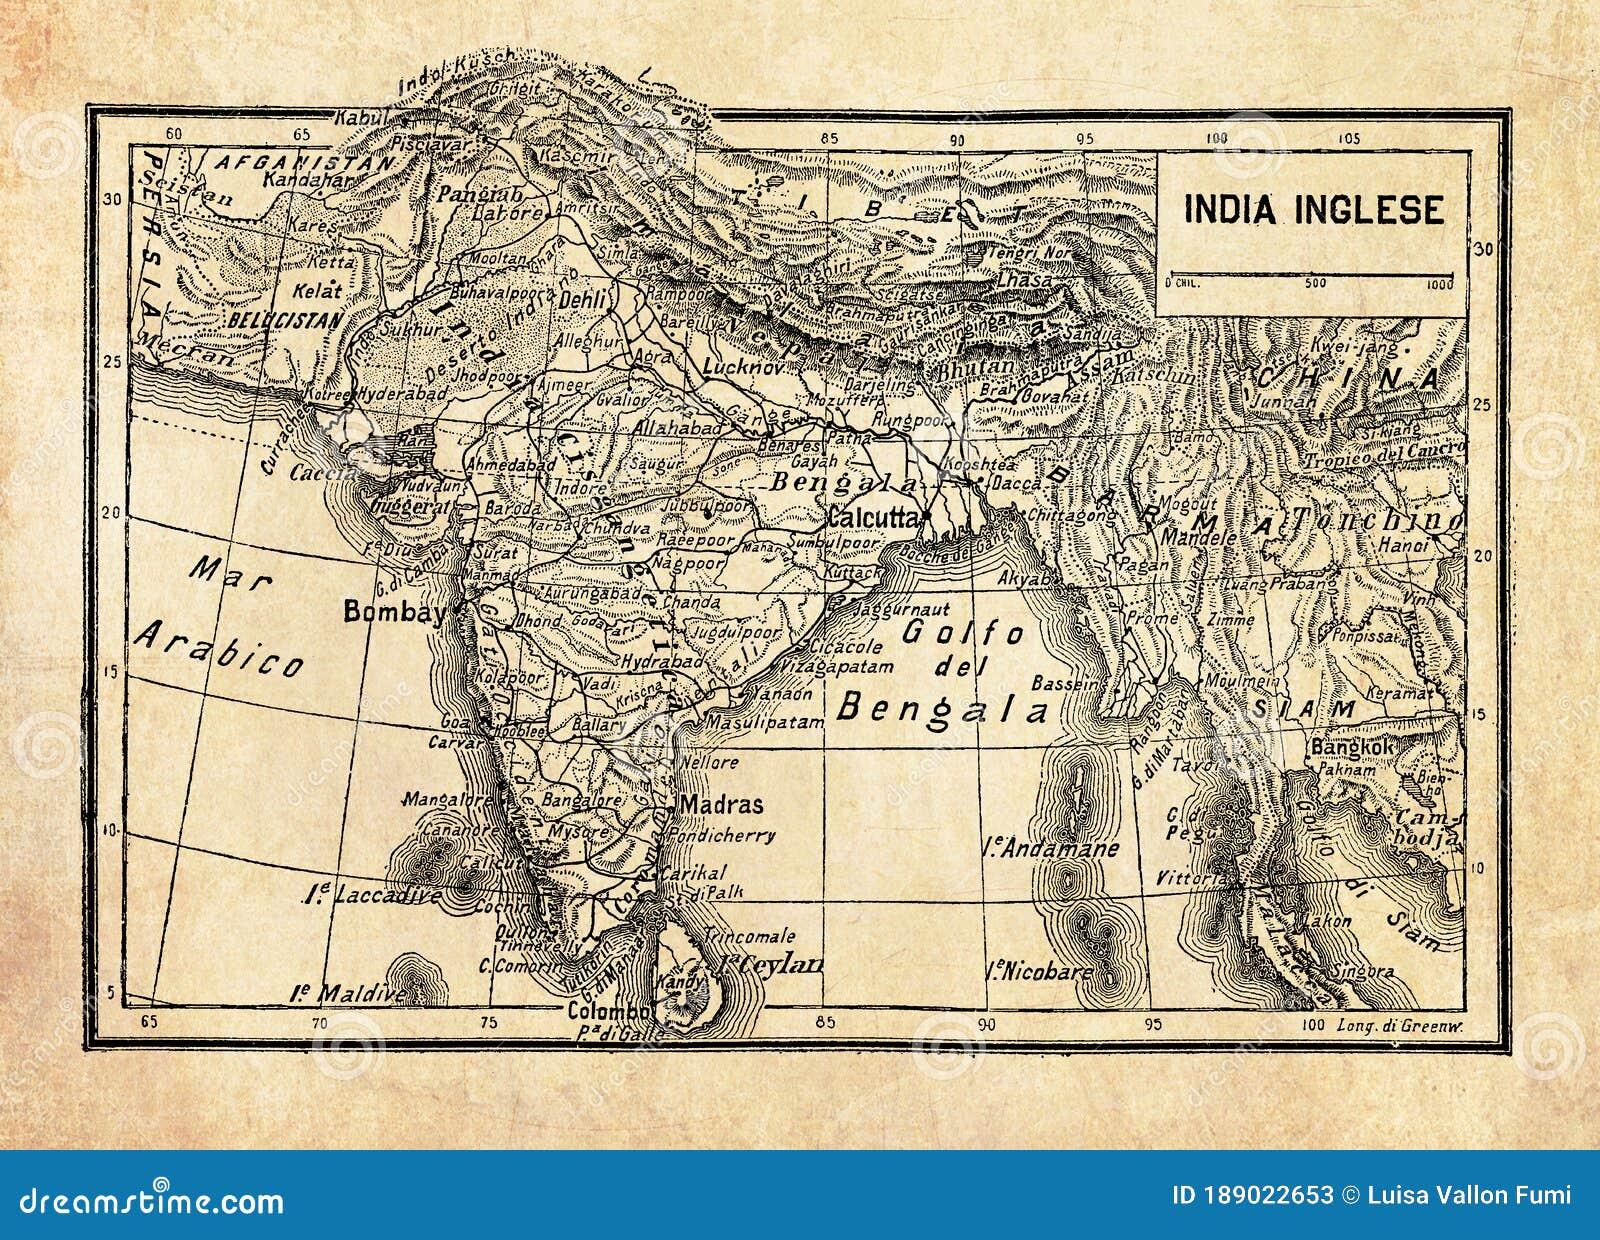 Cartina India Pakistan.India Bangladesh Pakistan Map Stock Illustrations 154 India Bangladesh Pakistan Map Stock Illustrations Vectors Clipart Dreamstime